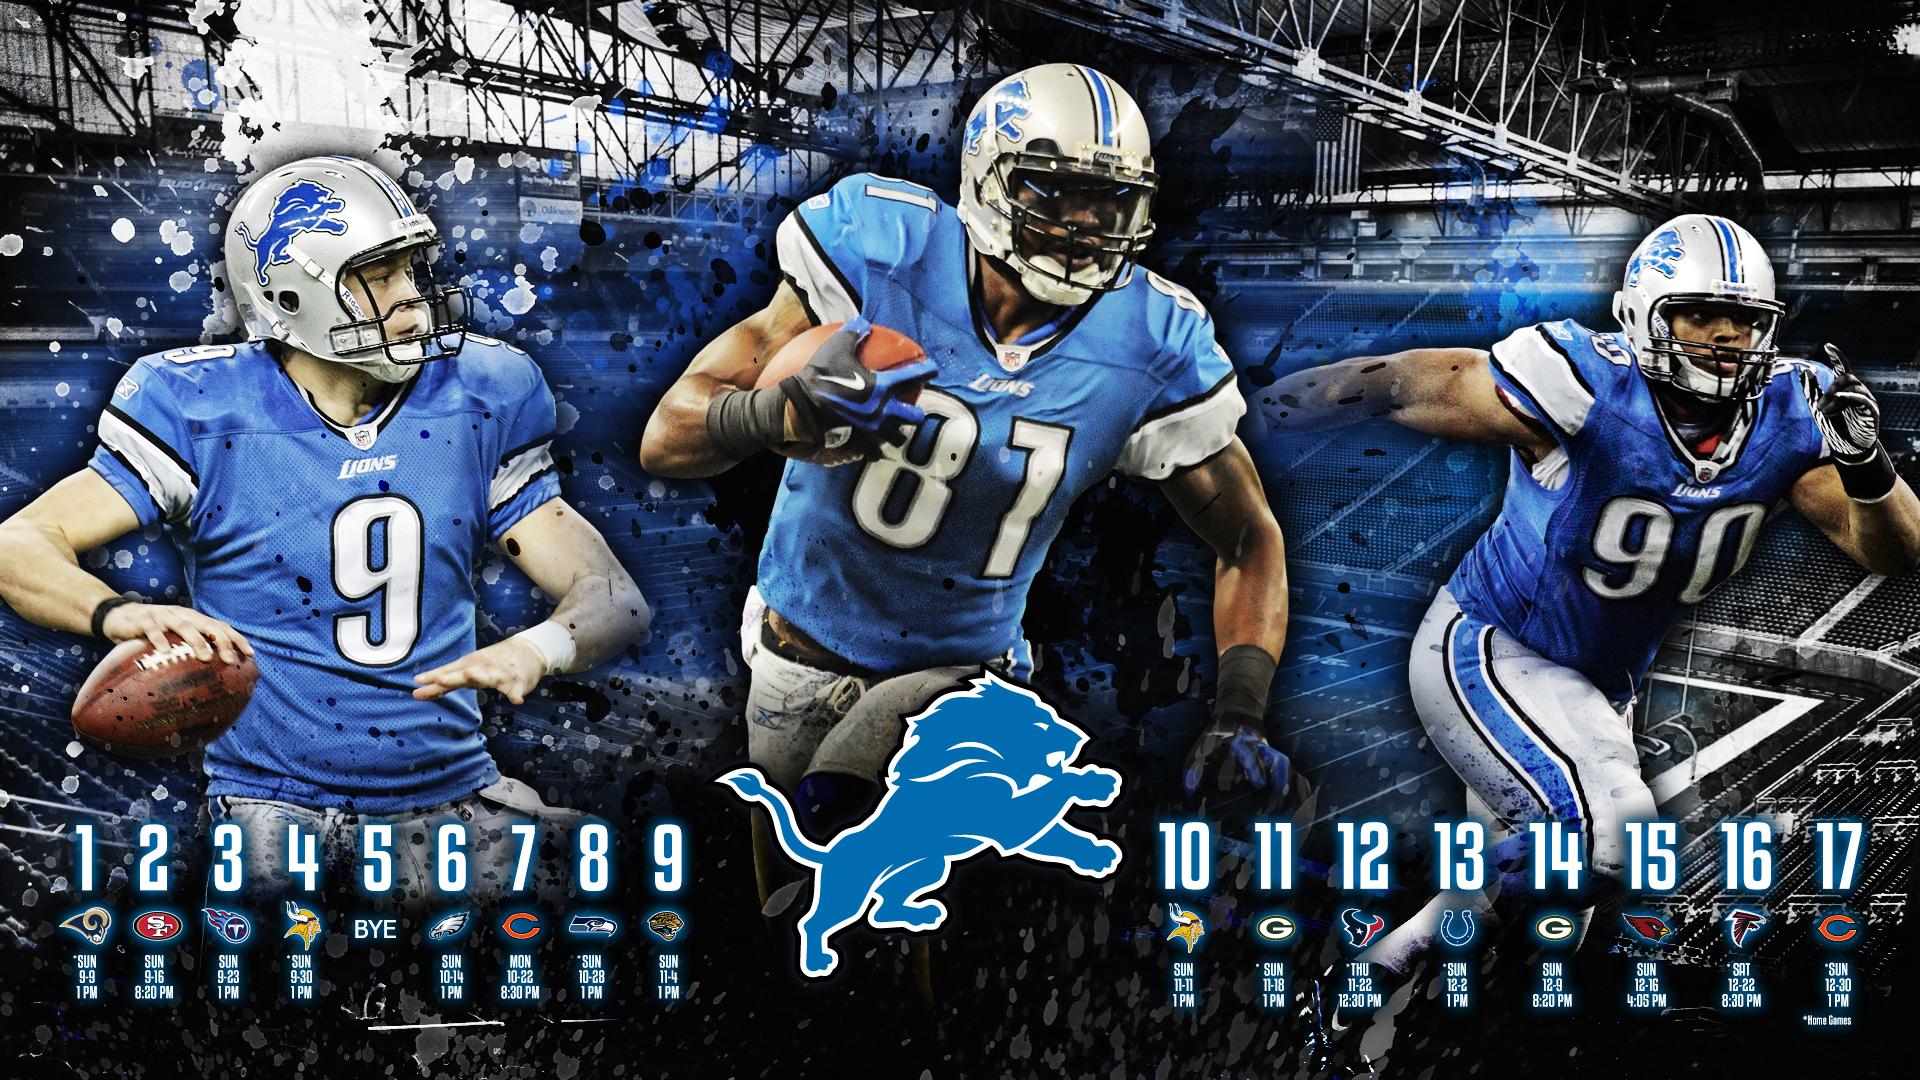 Detroit Lions Hd Wallpaper 2012 Schedule By Madeofglass13 On Deviantart